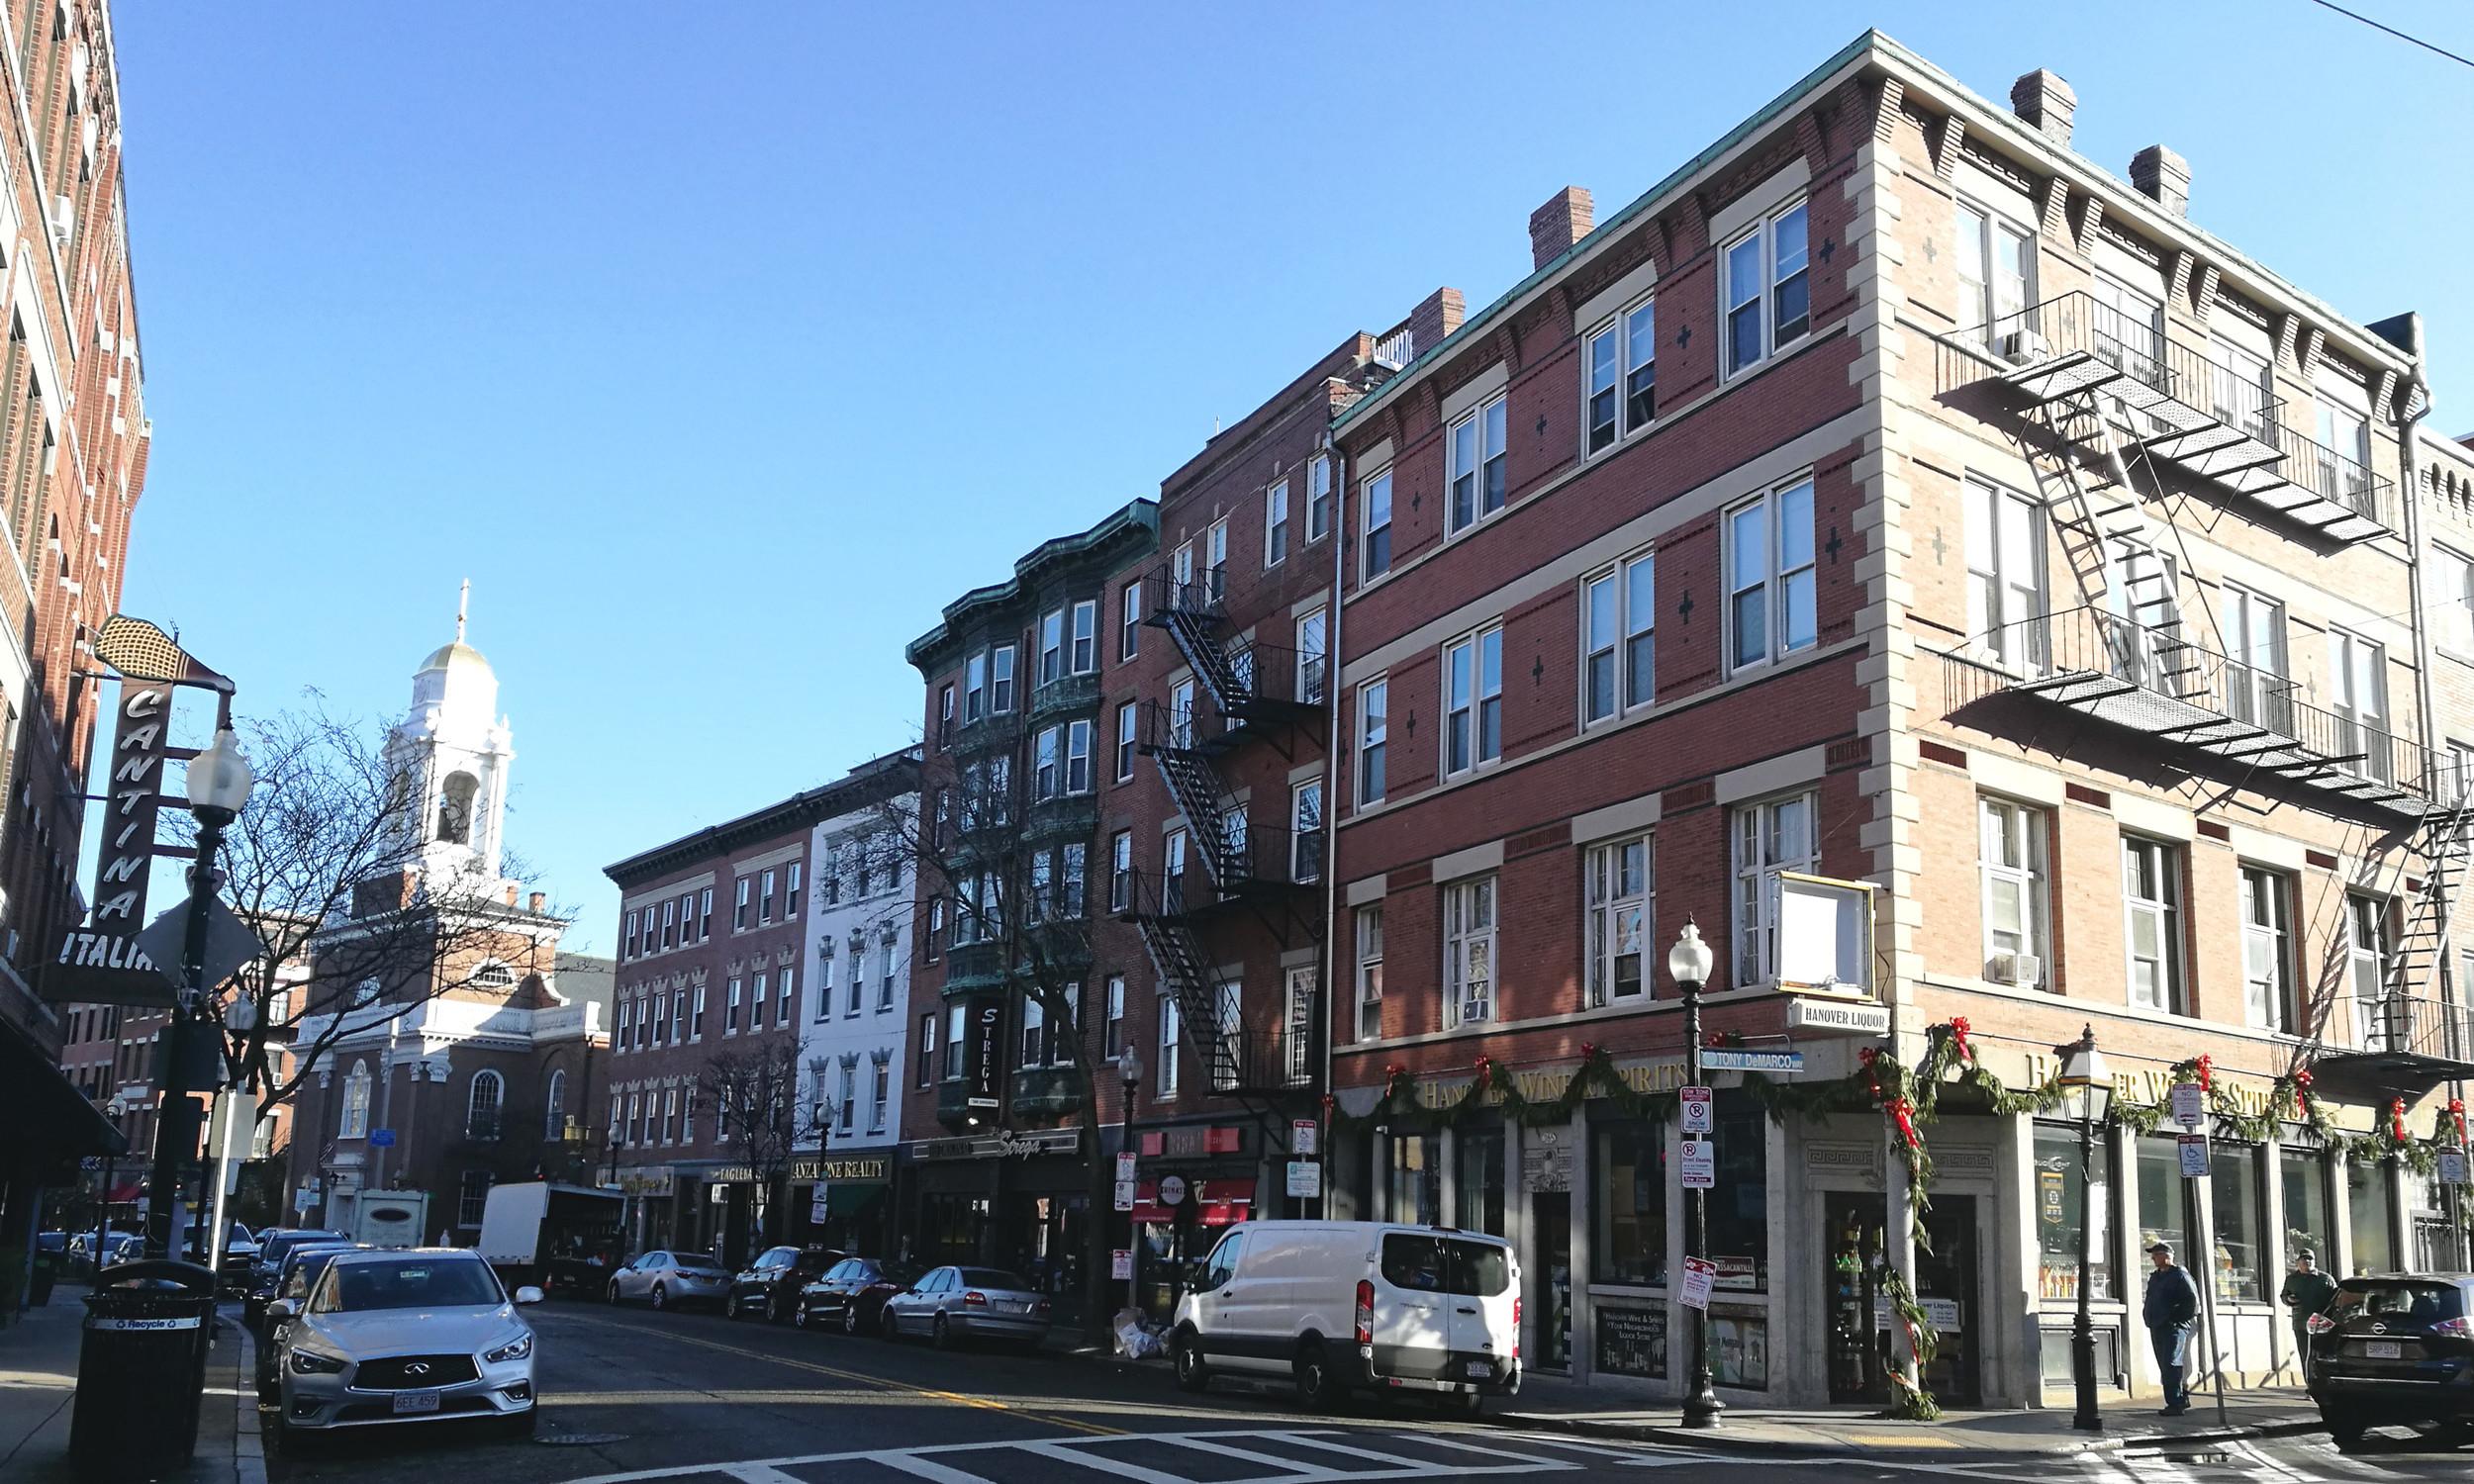 Reisebericht Boston: Hanover Street in Bostons North End